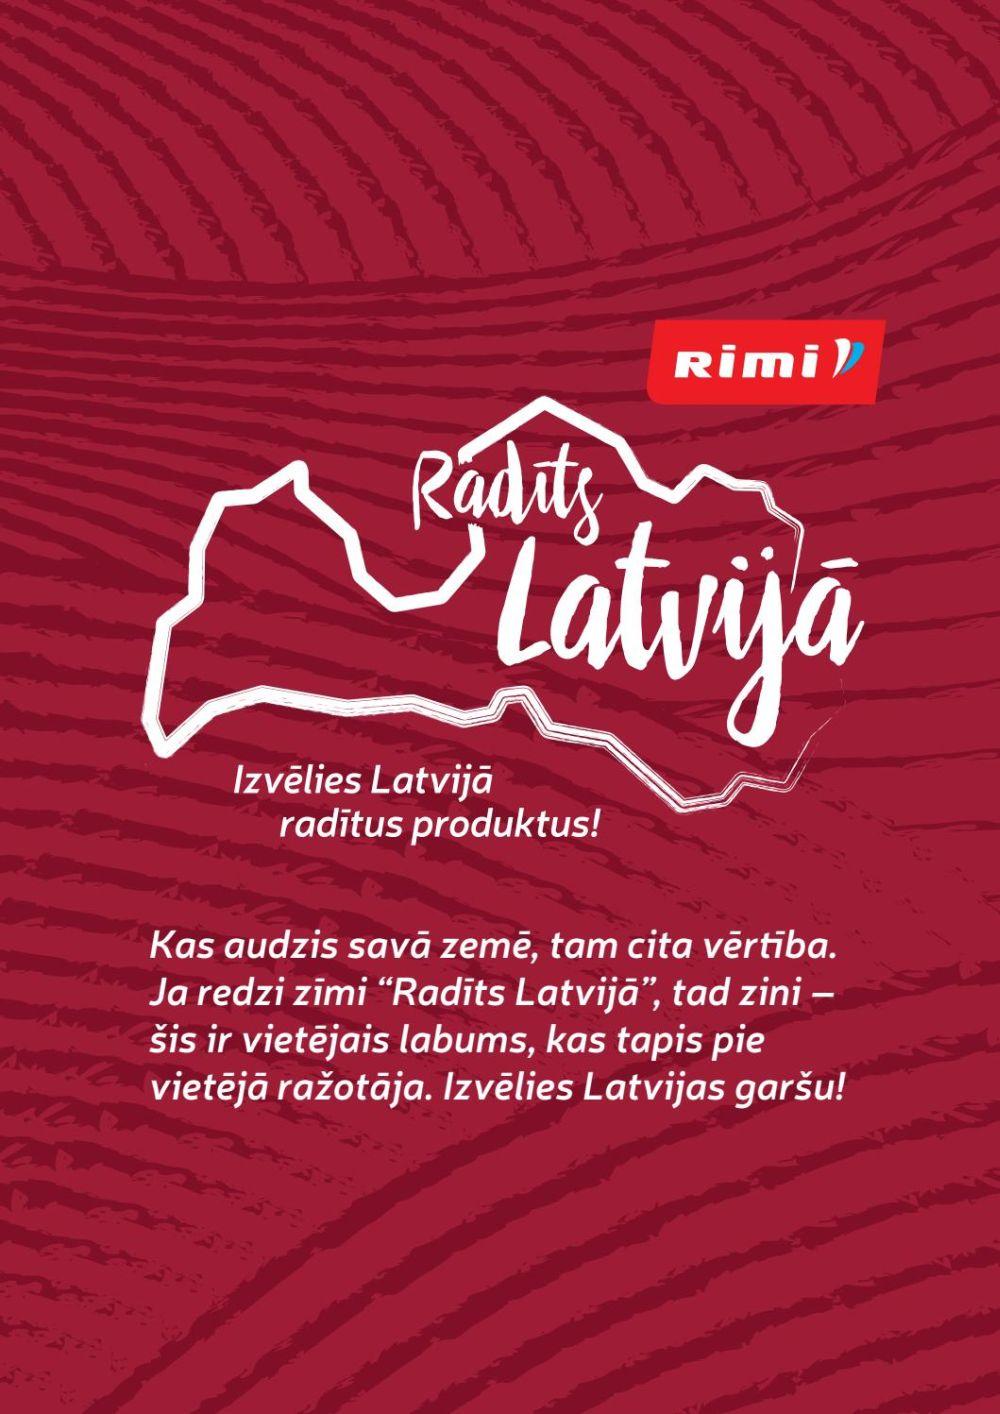 Rimi Gardēdis 05.11.2019 - 19.11.2019